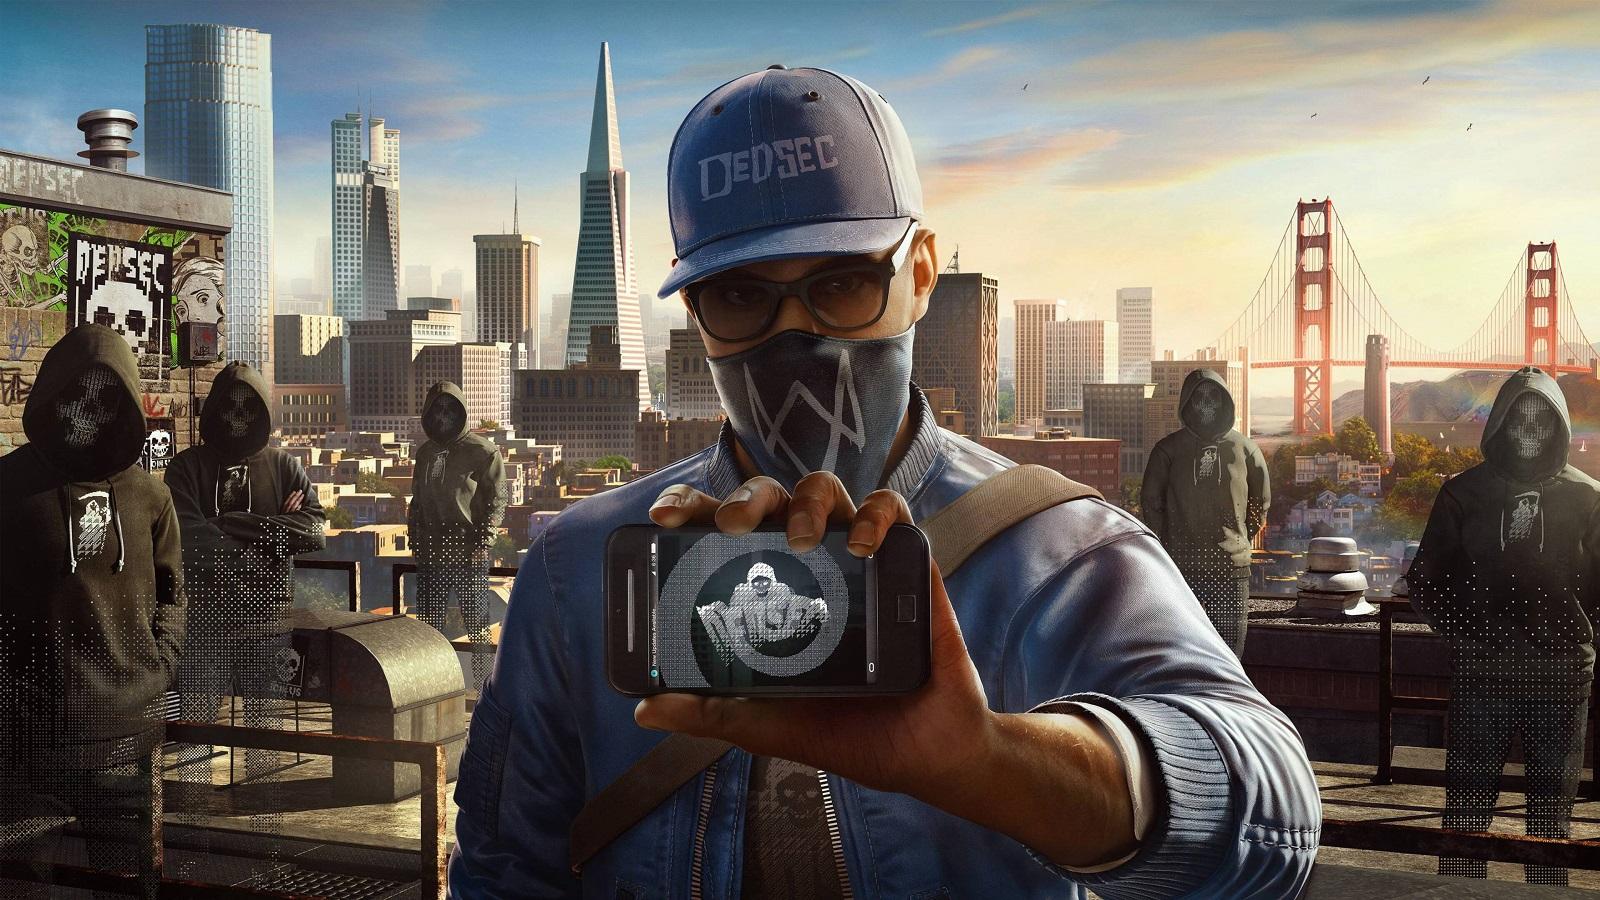 Игры Ubisoft временно пропали из ассортимента Epic Games Store в мае 2019 года из-за наплыва «искушённых хакеров»